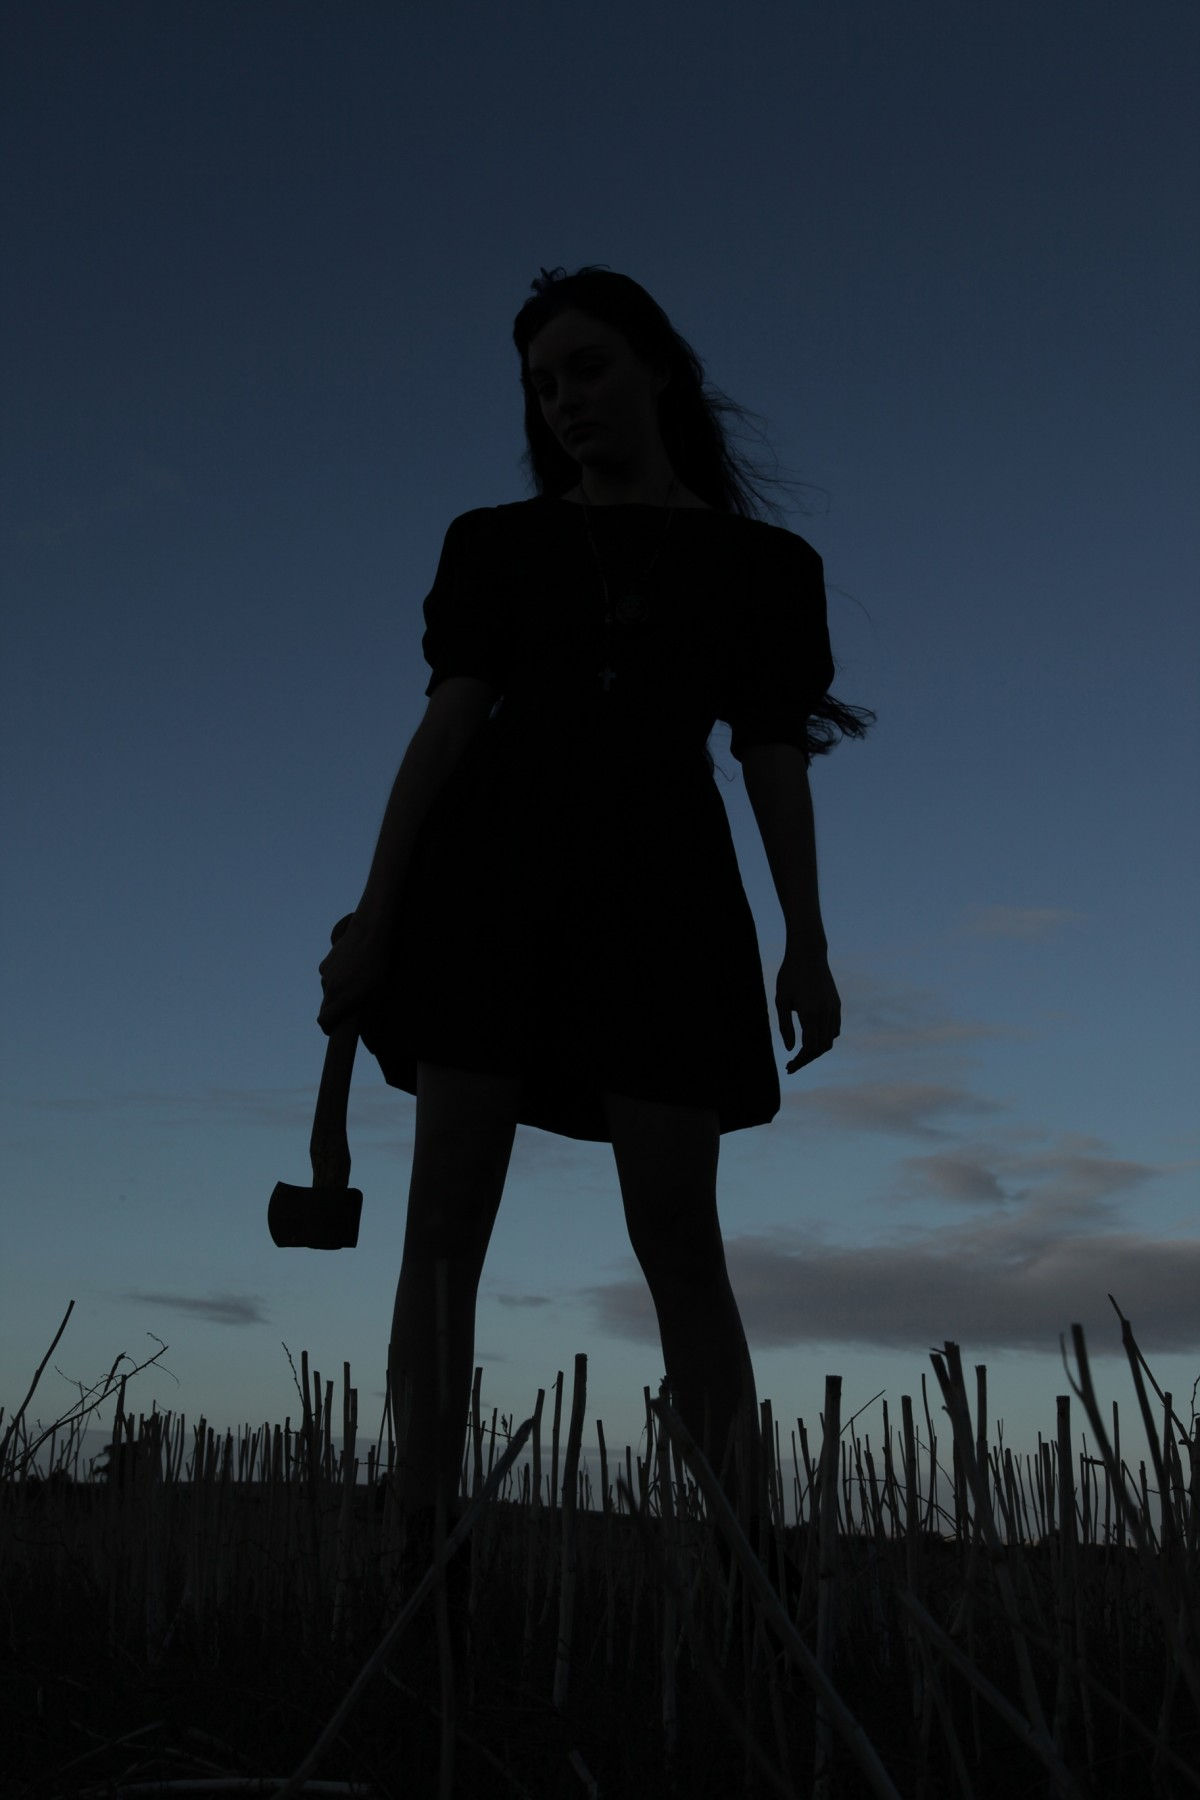 Scary Girl Wallpaper Free Images Axe Murderer Silhouette Female Dusk